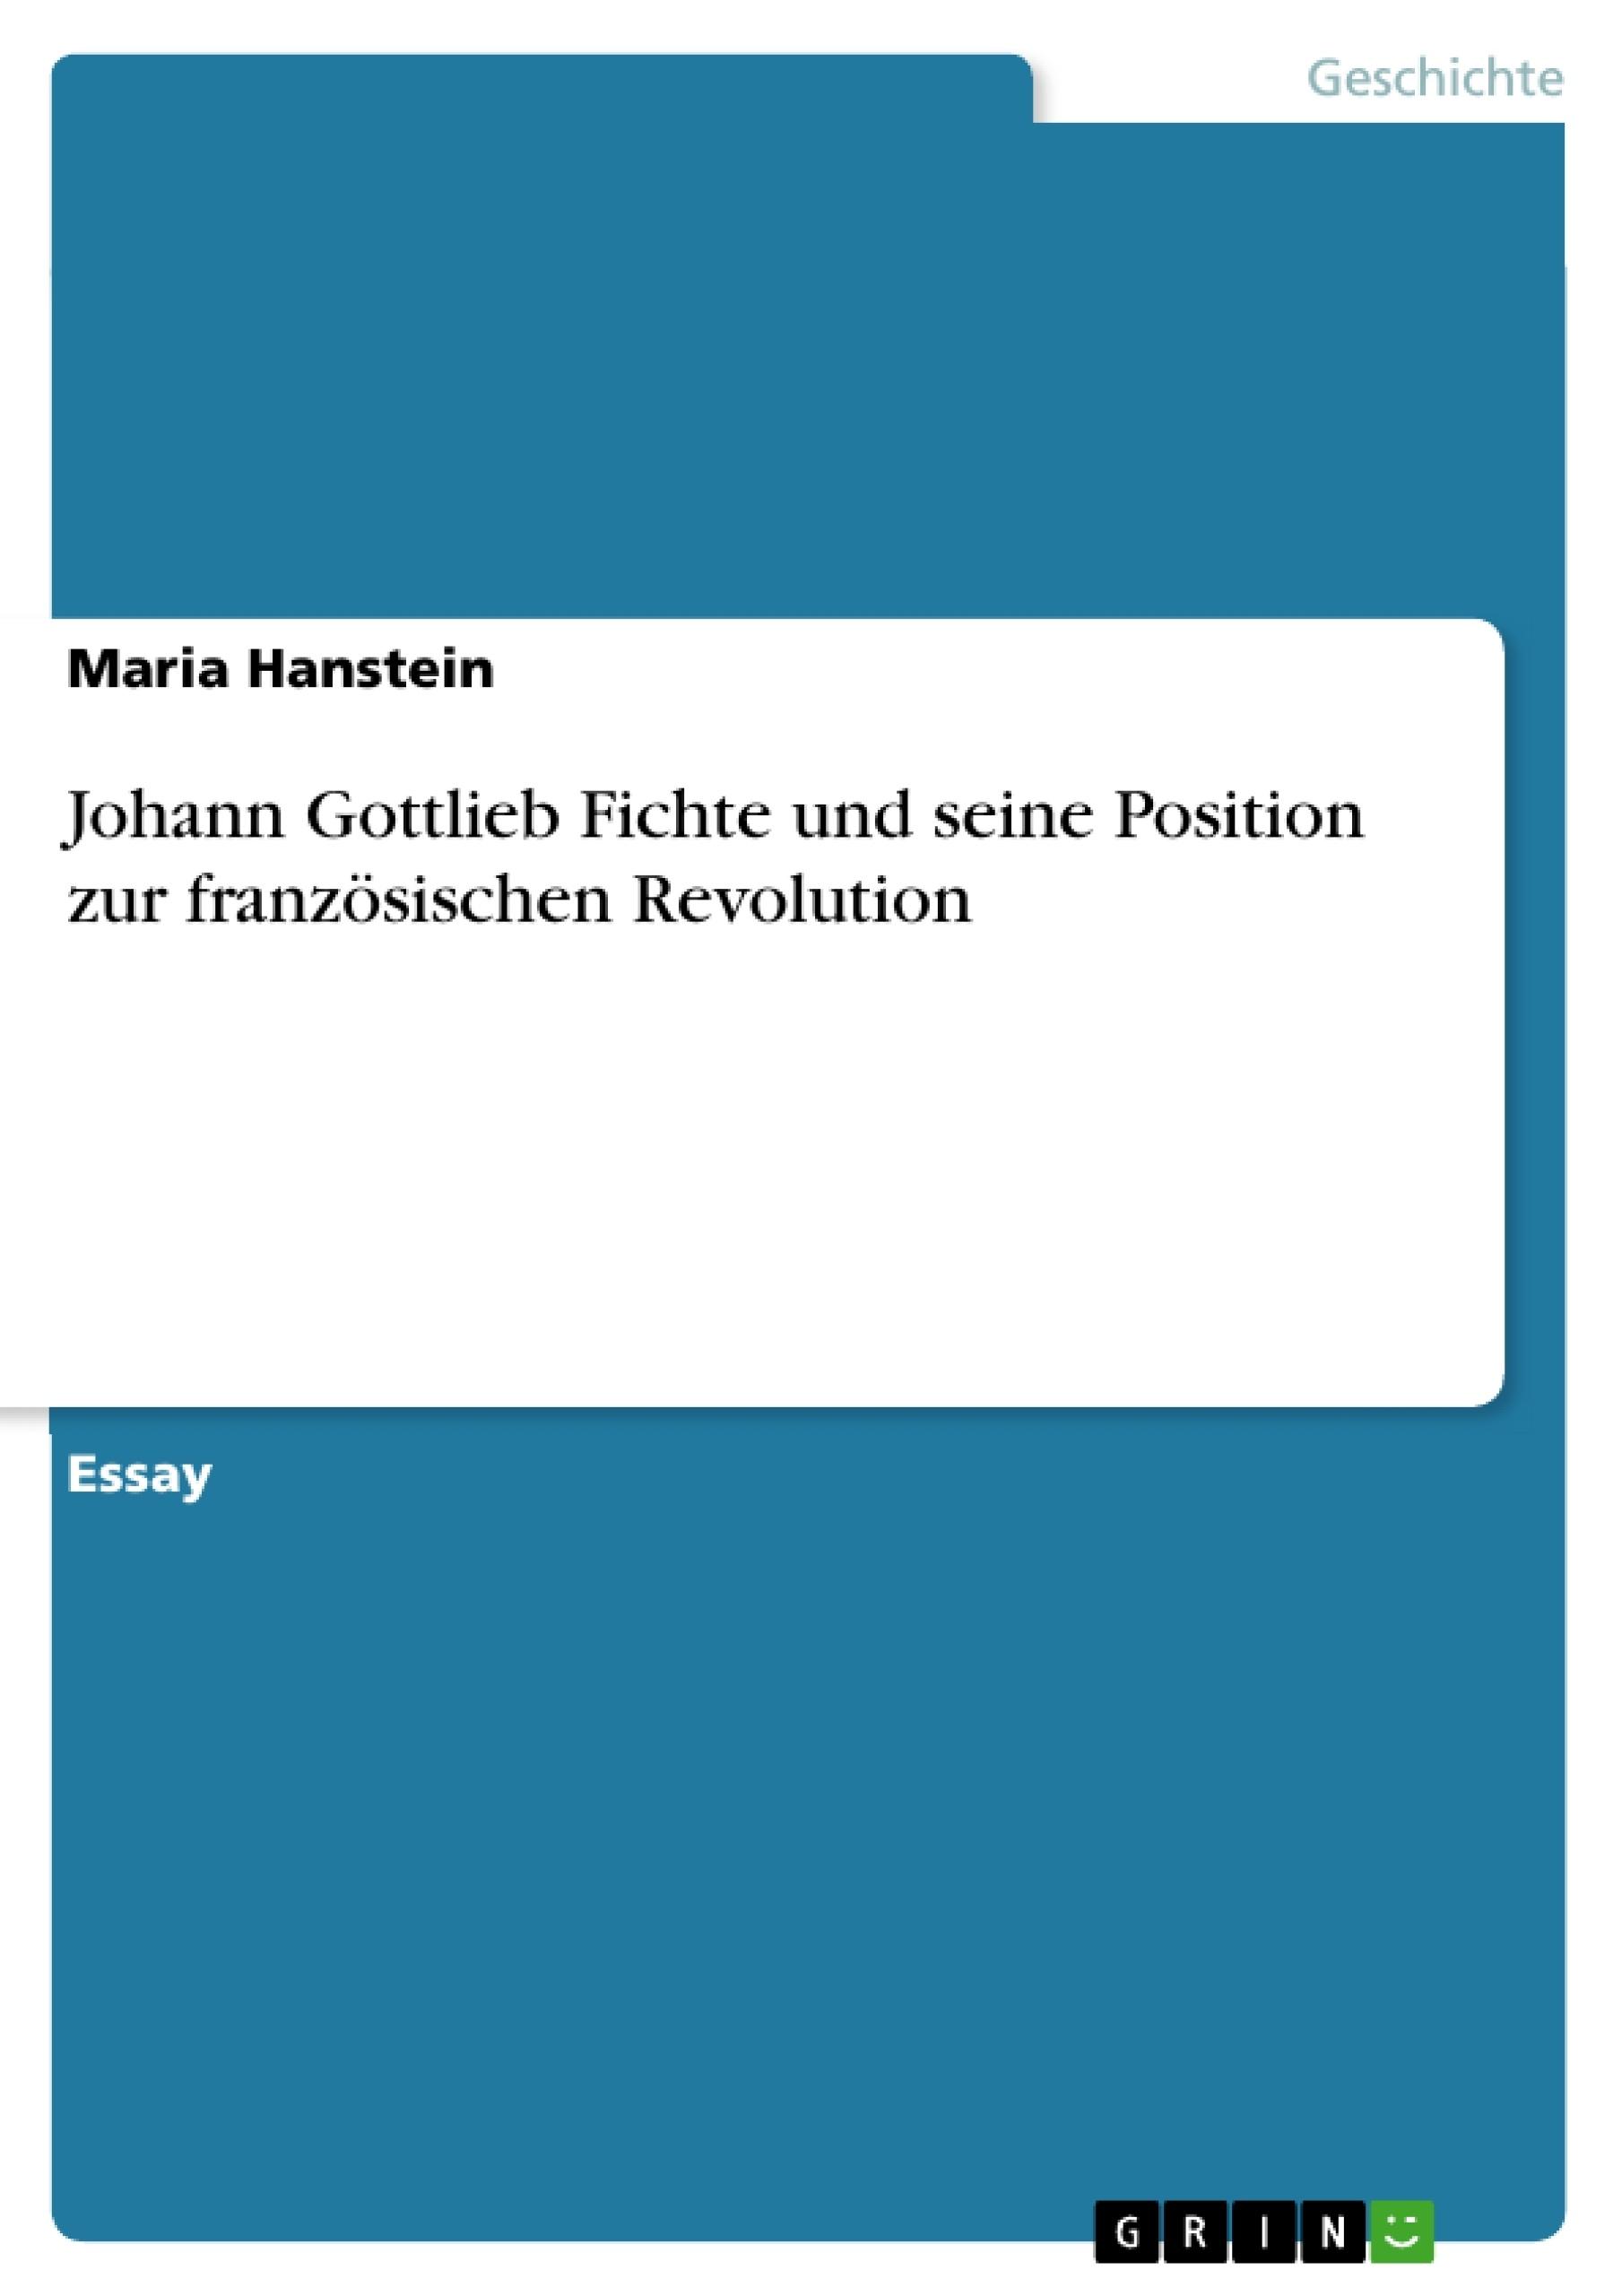 Titel: Johann Gottlieb Fichte und seine Position zur französischen Revolution